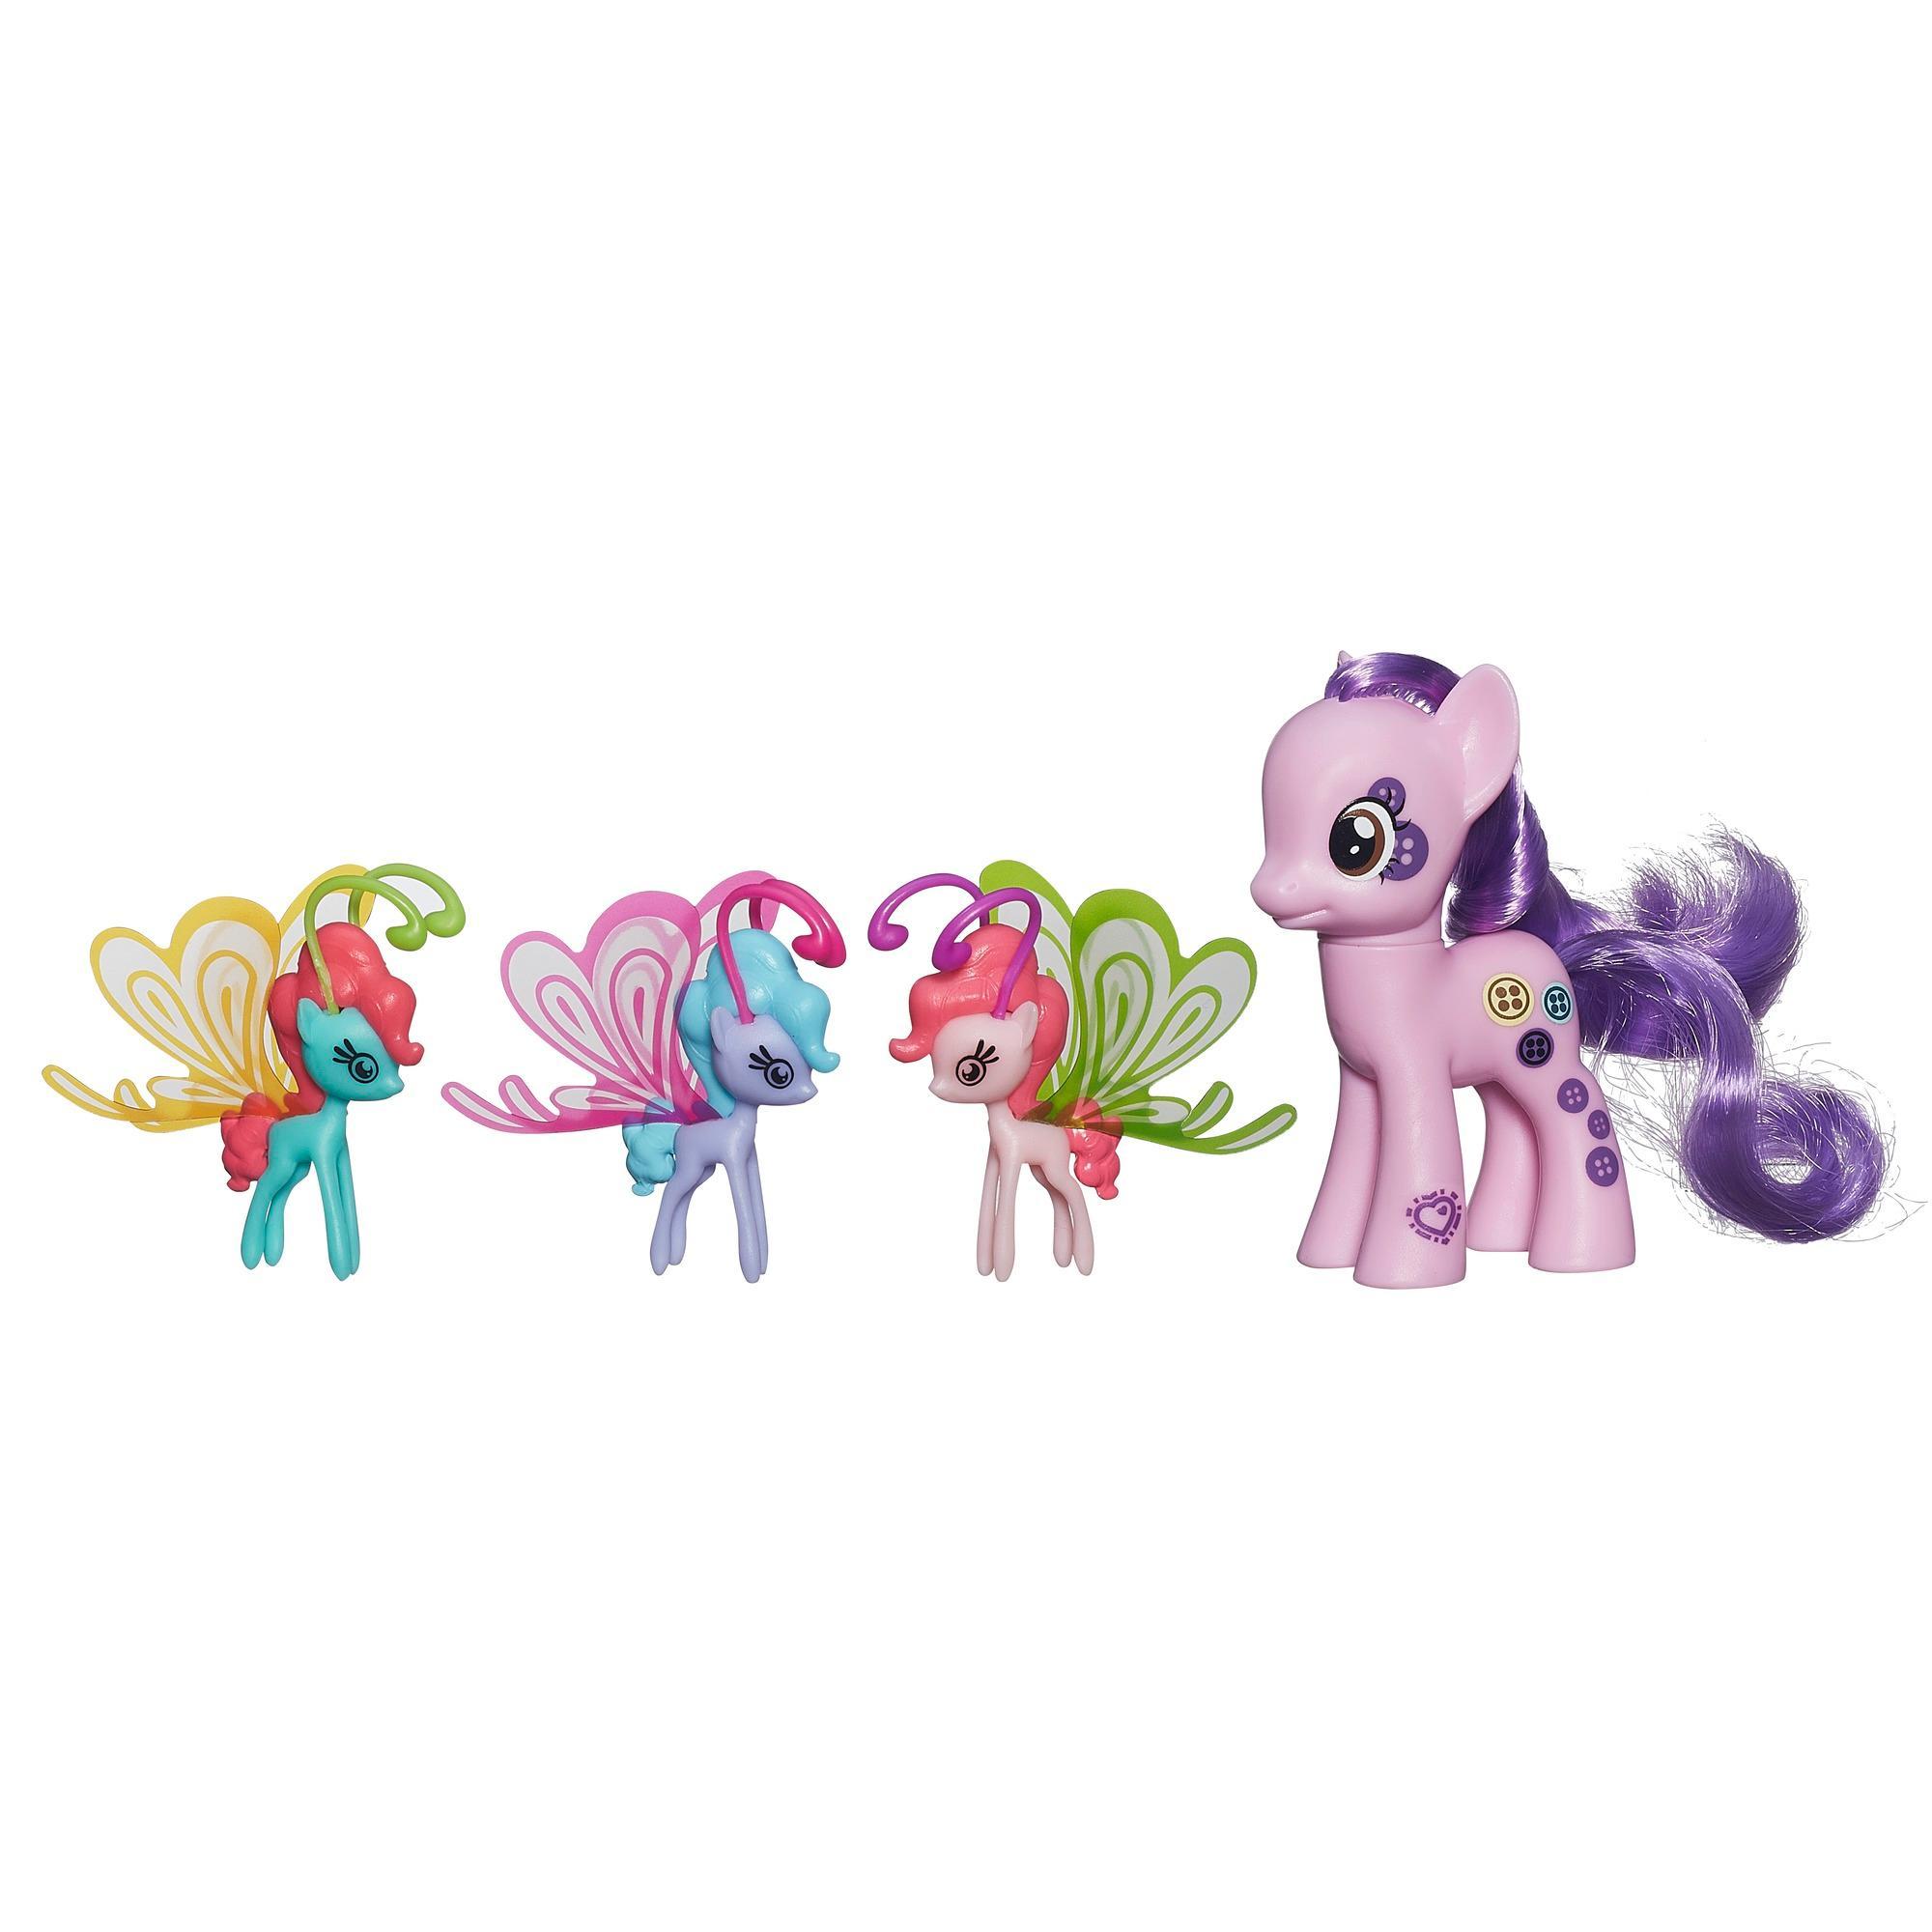 Buttonbelle et amies fées magiques My Little Pony